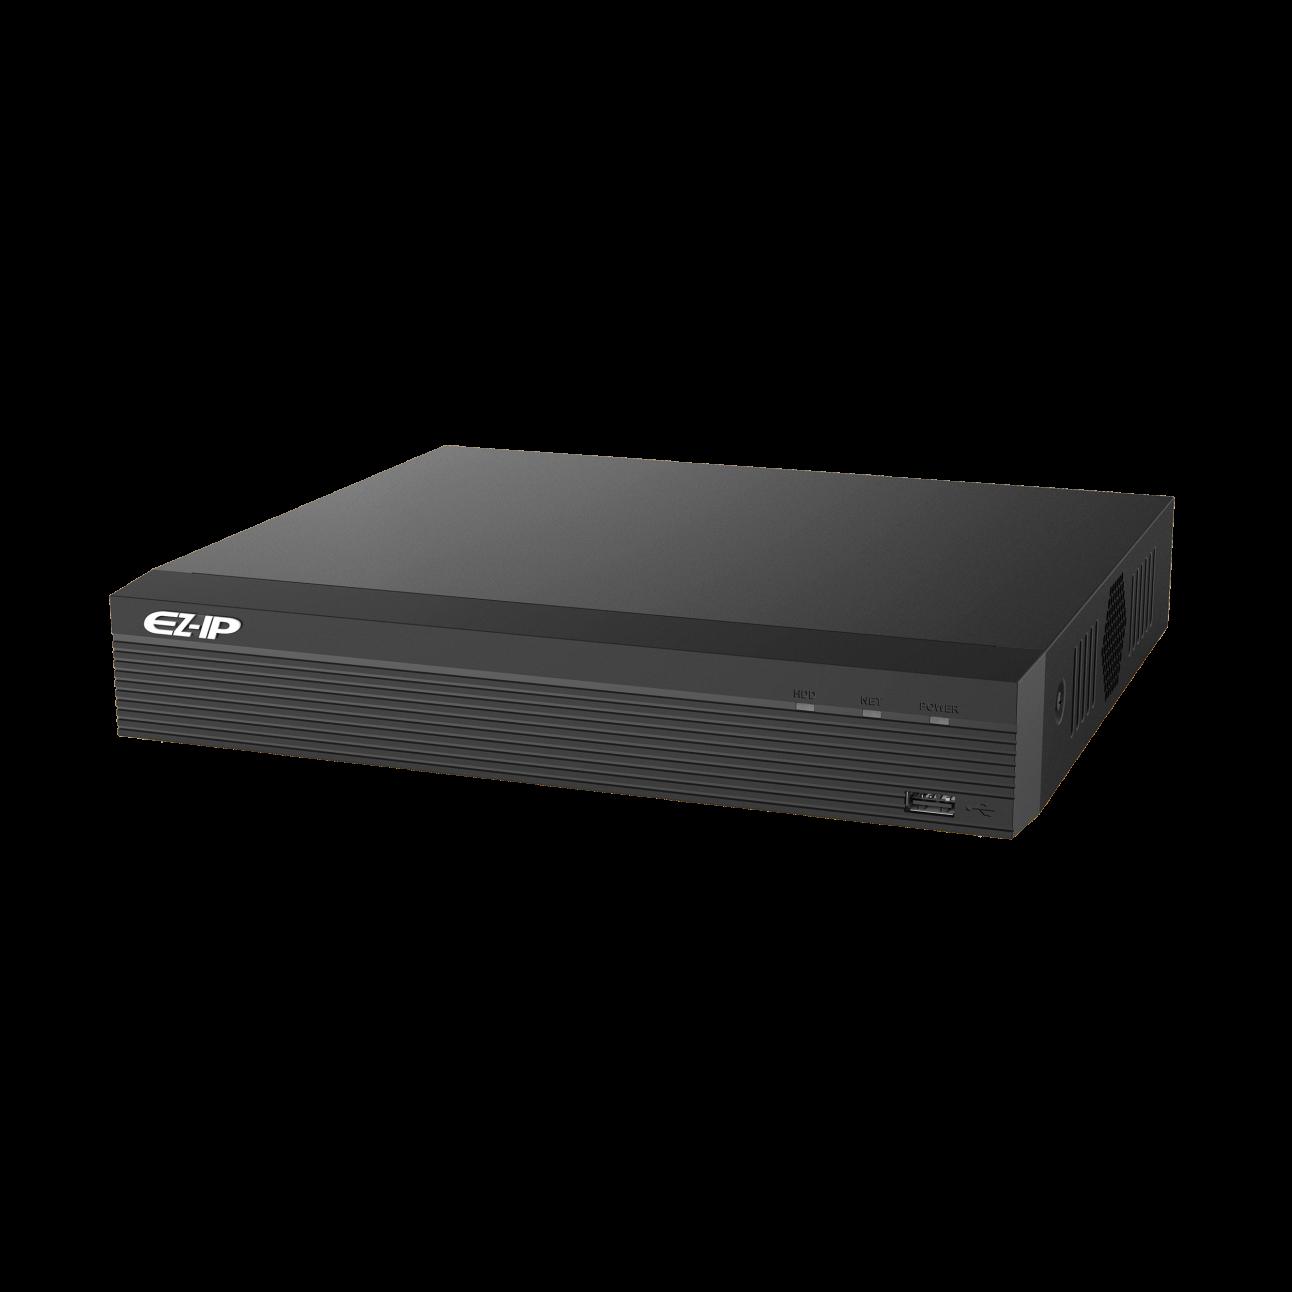 IP видеорегистратор Dahua EZ-NVR1B08HS 8-канальный, до 8Мп, 1HDD до 4Тб, HDMI, VGA, 2 порта USB 2.0, DC12В